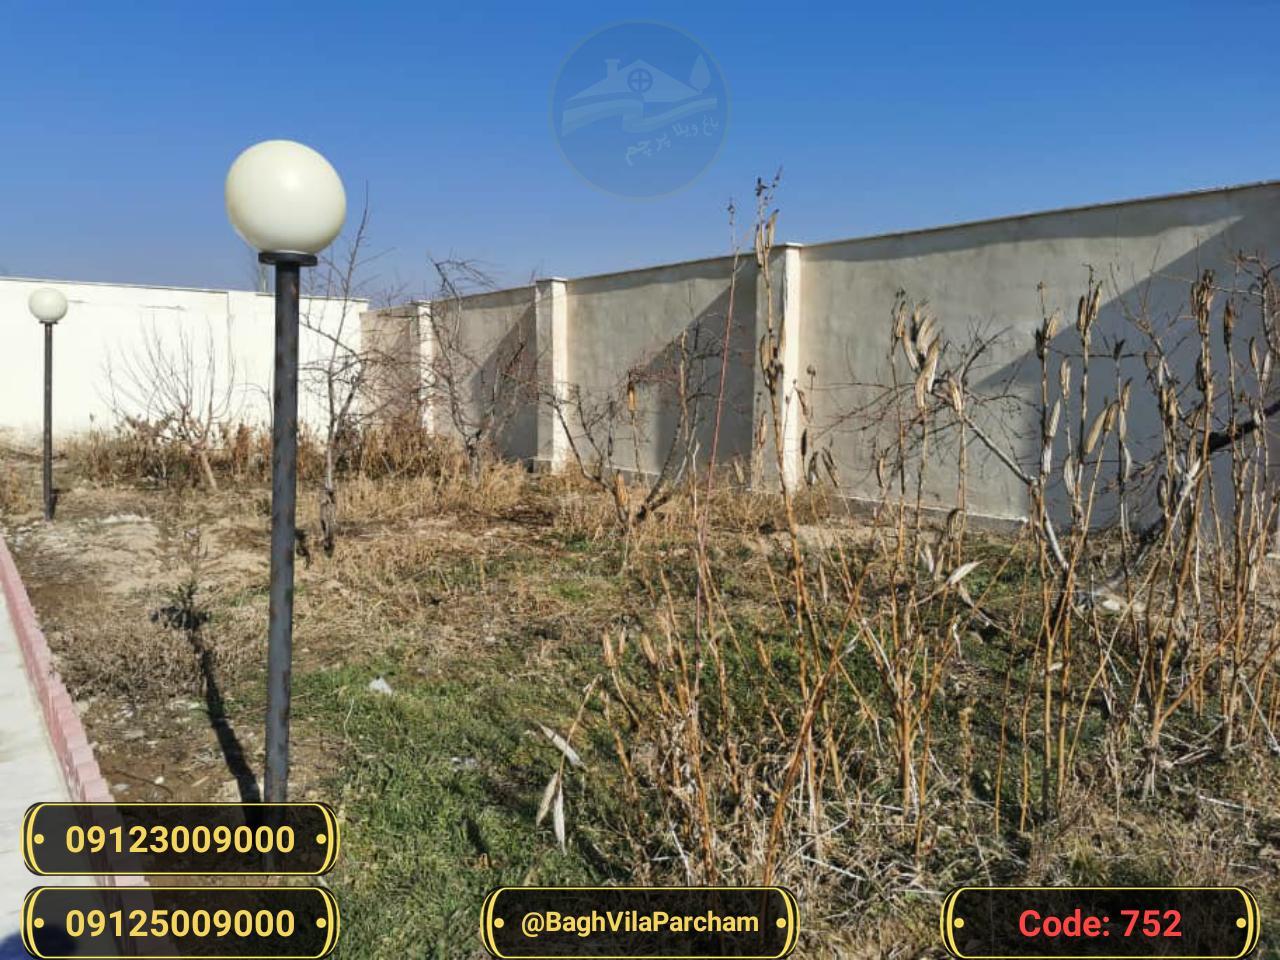 تصویر عکس باغ ویلا شماره 3 از ویلای ۱۰۵۰ متر ویلا کلاسیک Picture photo image 3 of ۱۰۵۰ متر ویلا کلاسیک